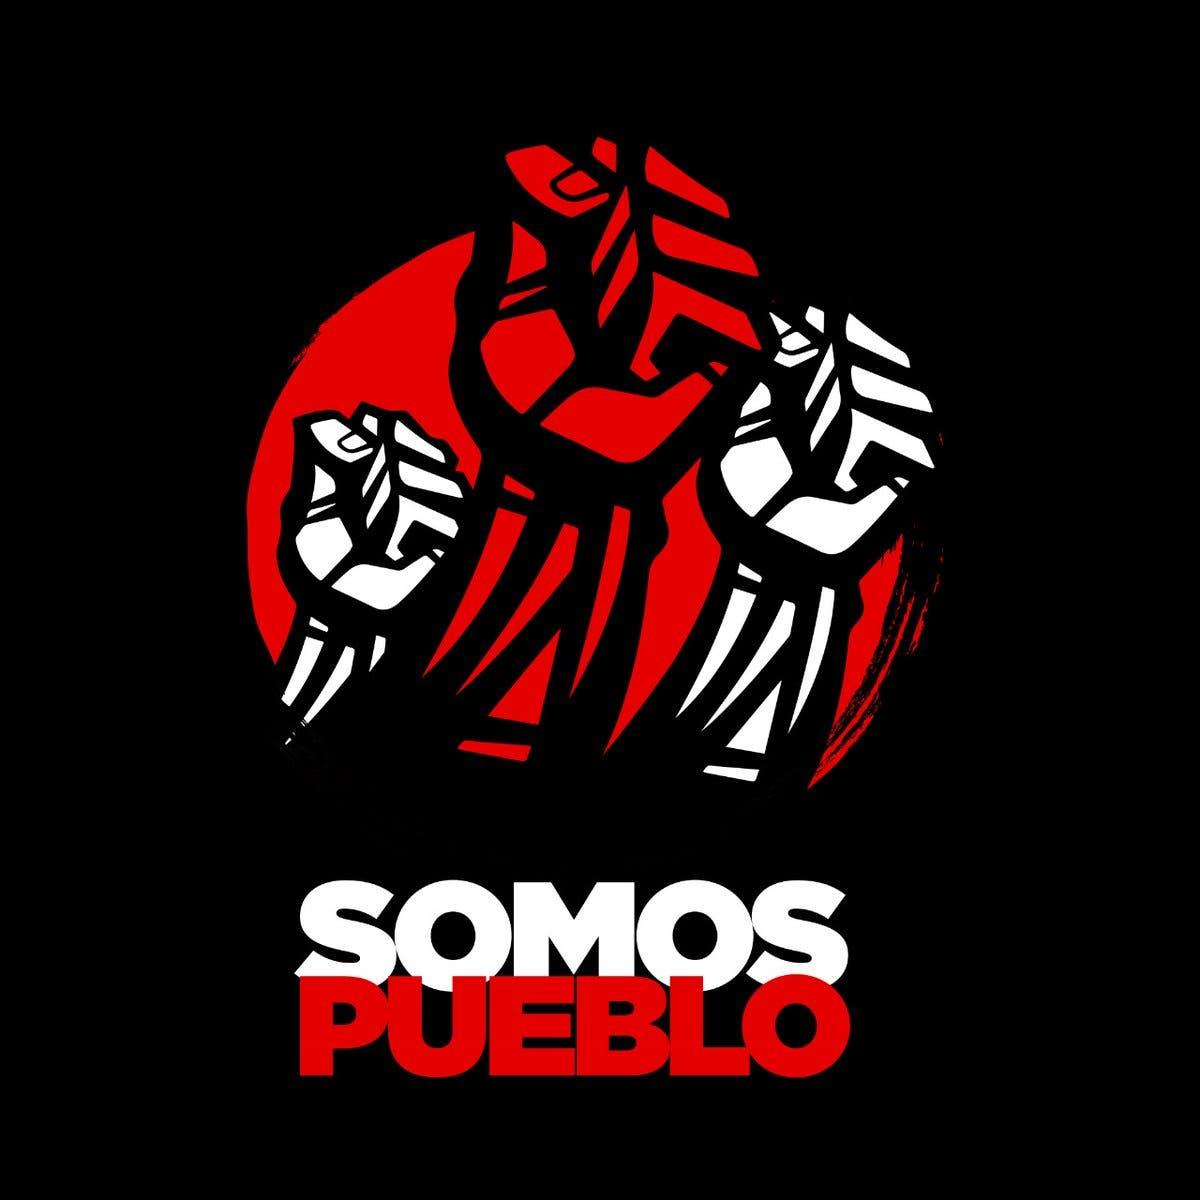 Somos Pueblo lanza campaña #RepudioMoral contra políticos «corruptos y ladrones»